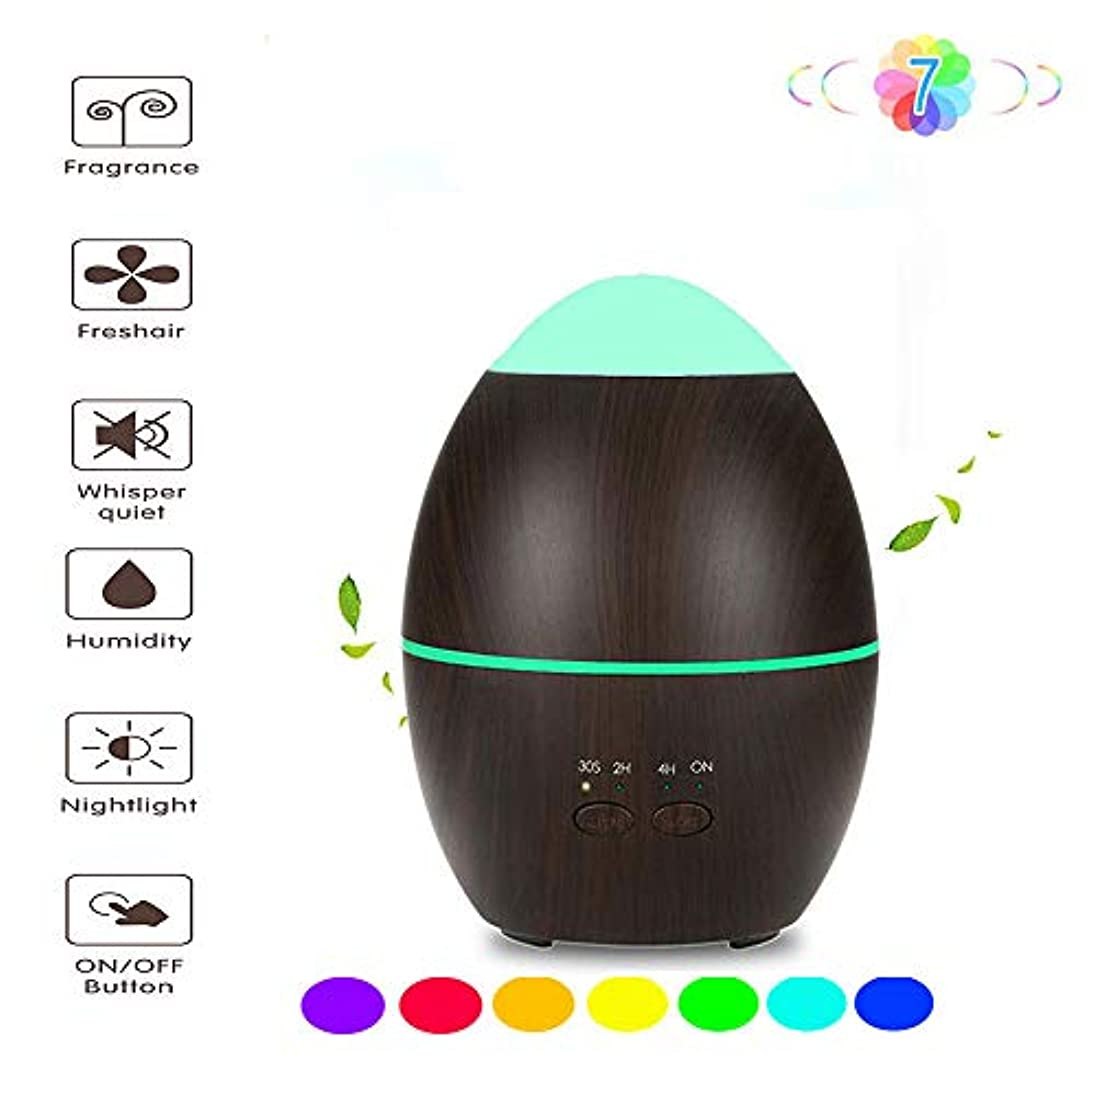 メディア否定する不満アロマディフューザー、超音波エッセンシャルオイル加湿器 - 魅力的な7色LEDナイトライト - タイミング設定 - ウォーターレス自動閉300ML